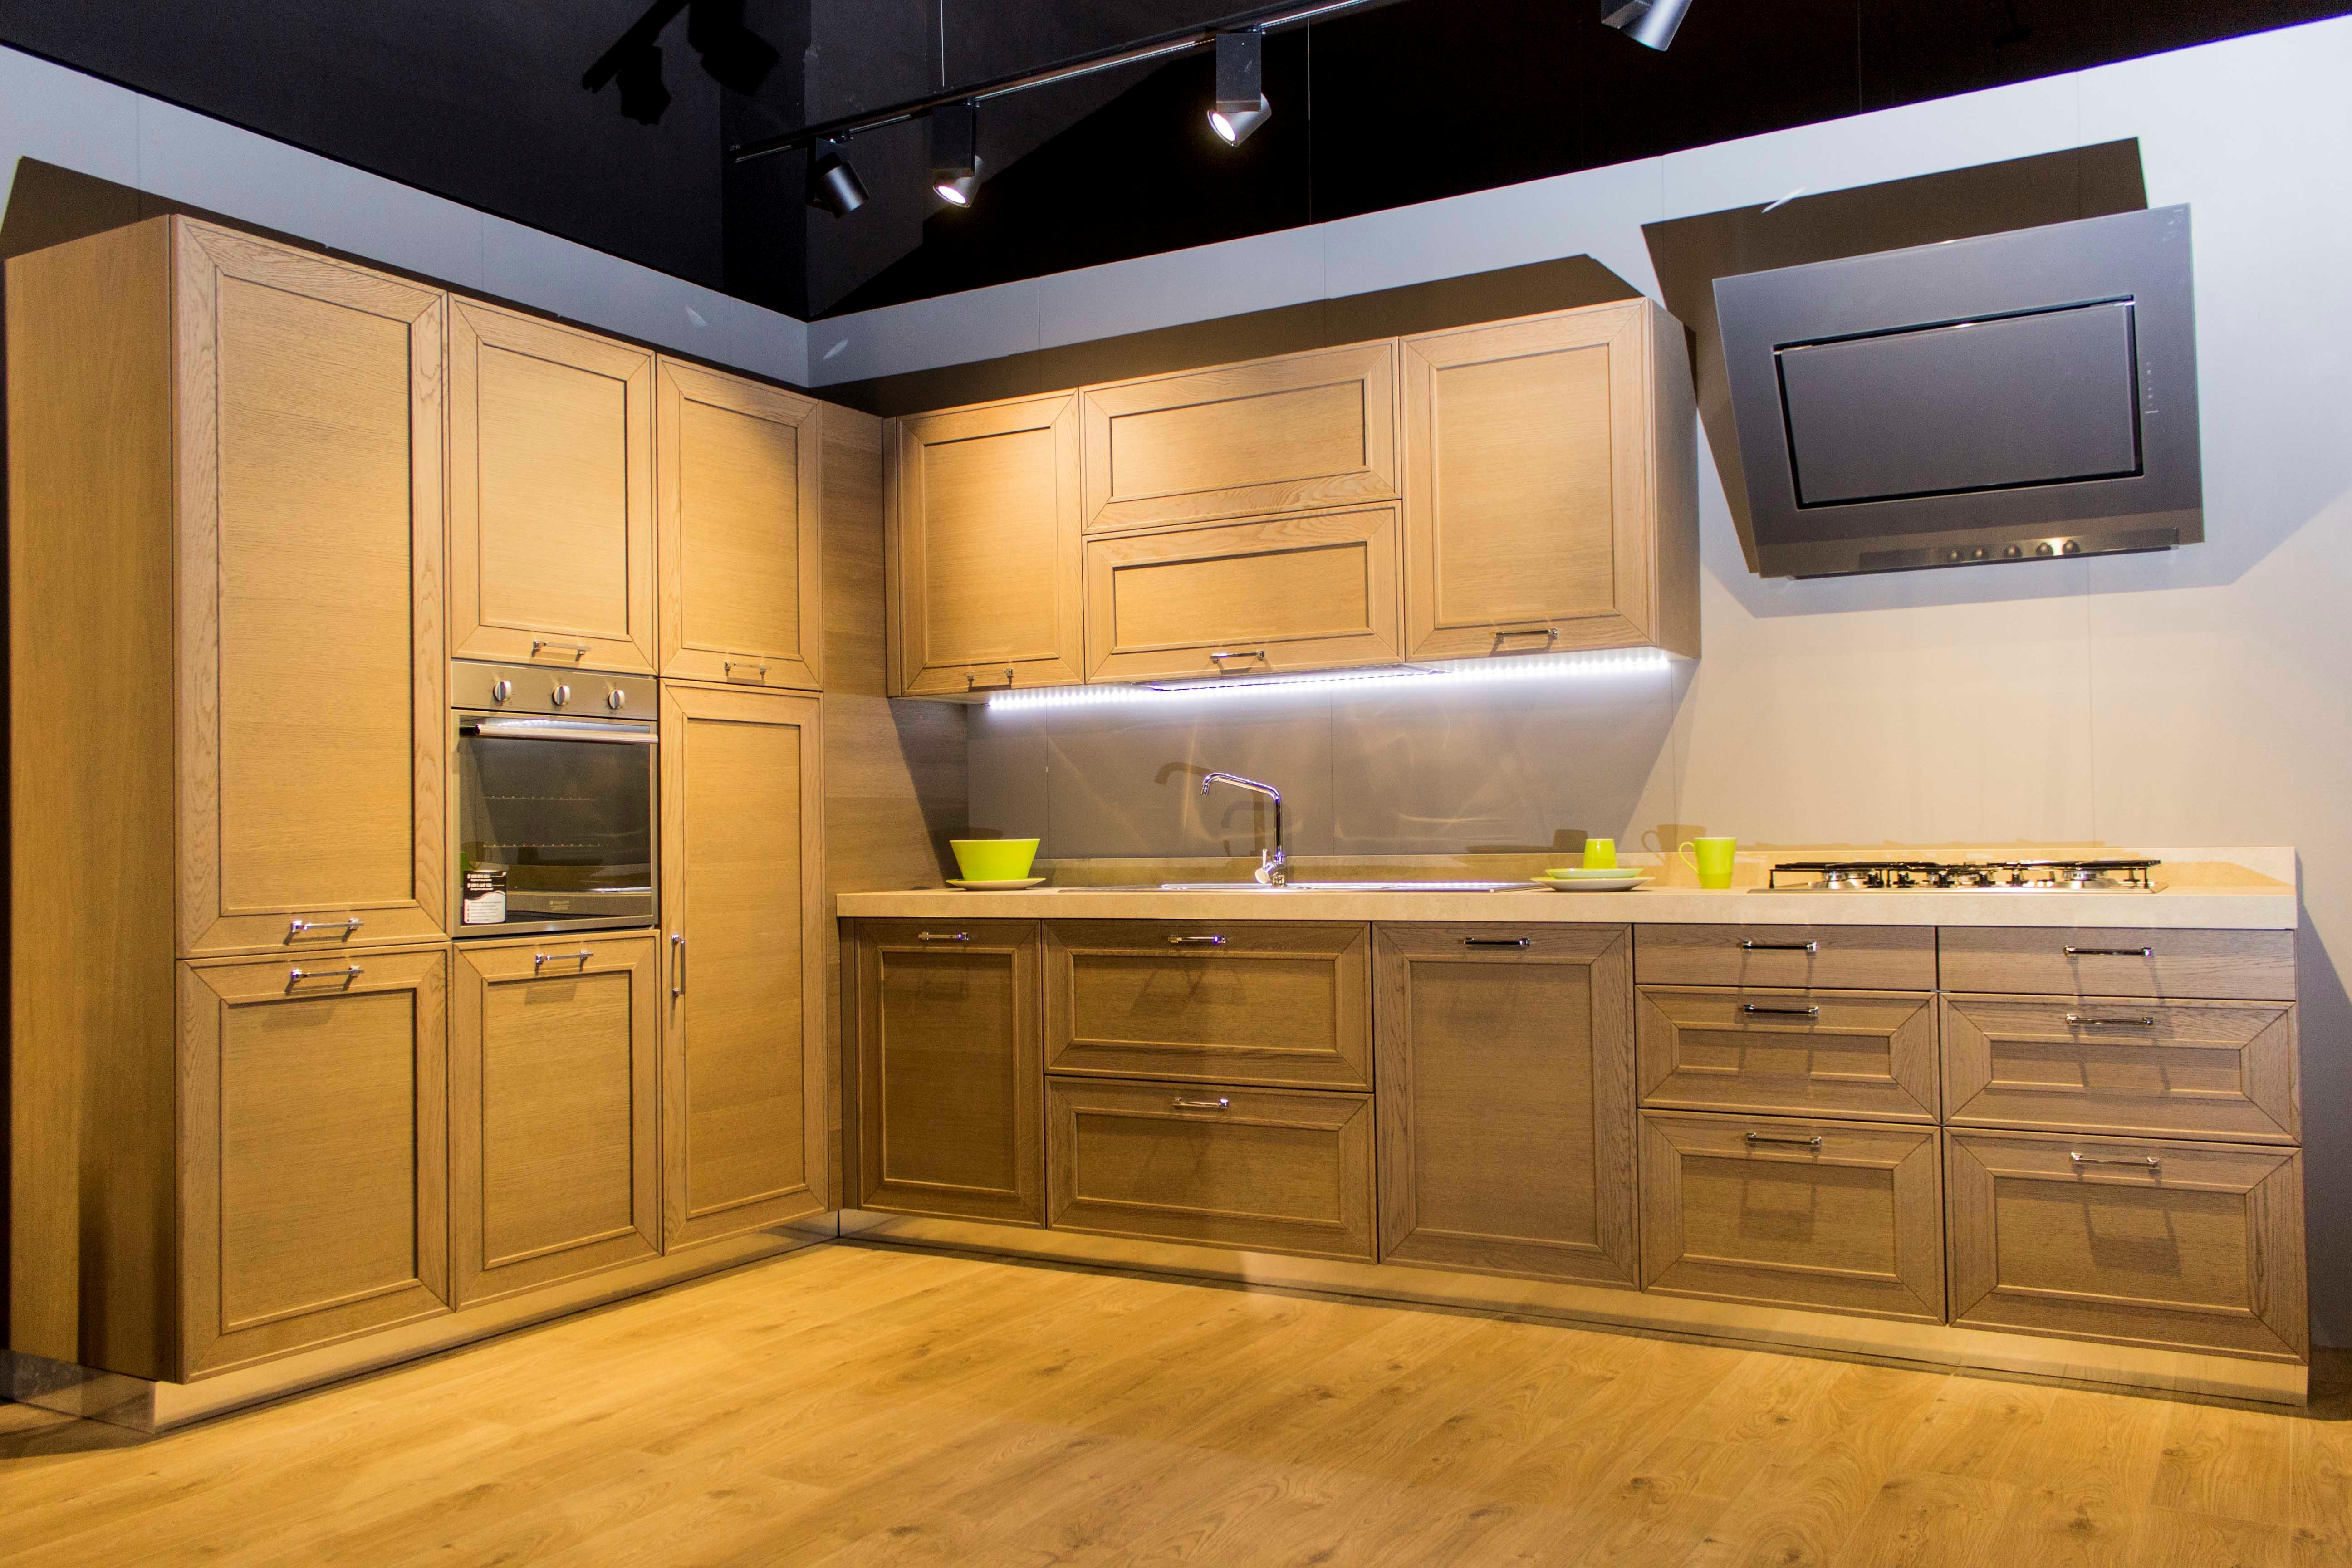 Stunning Cucine Del Tongo Torino Pictures Ideas Design - Del Tongo ...